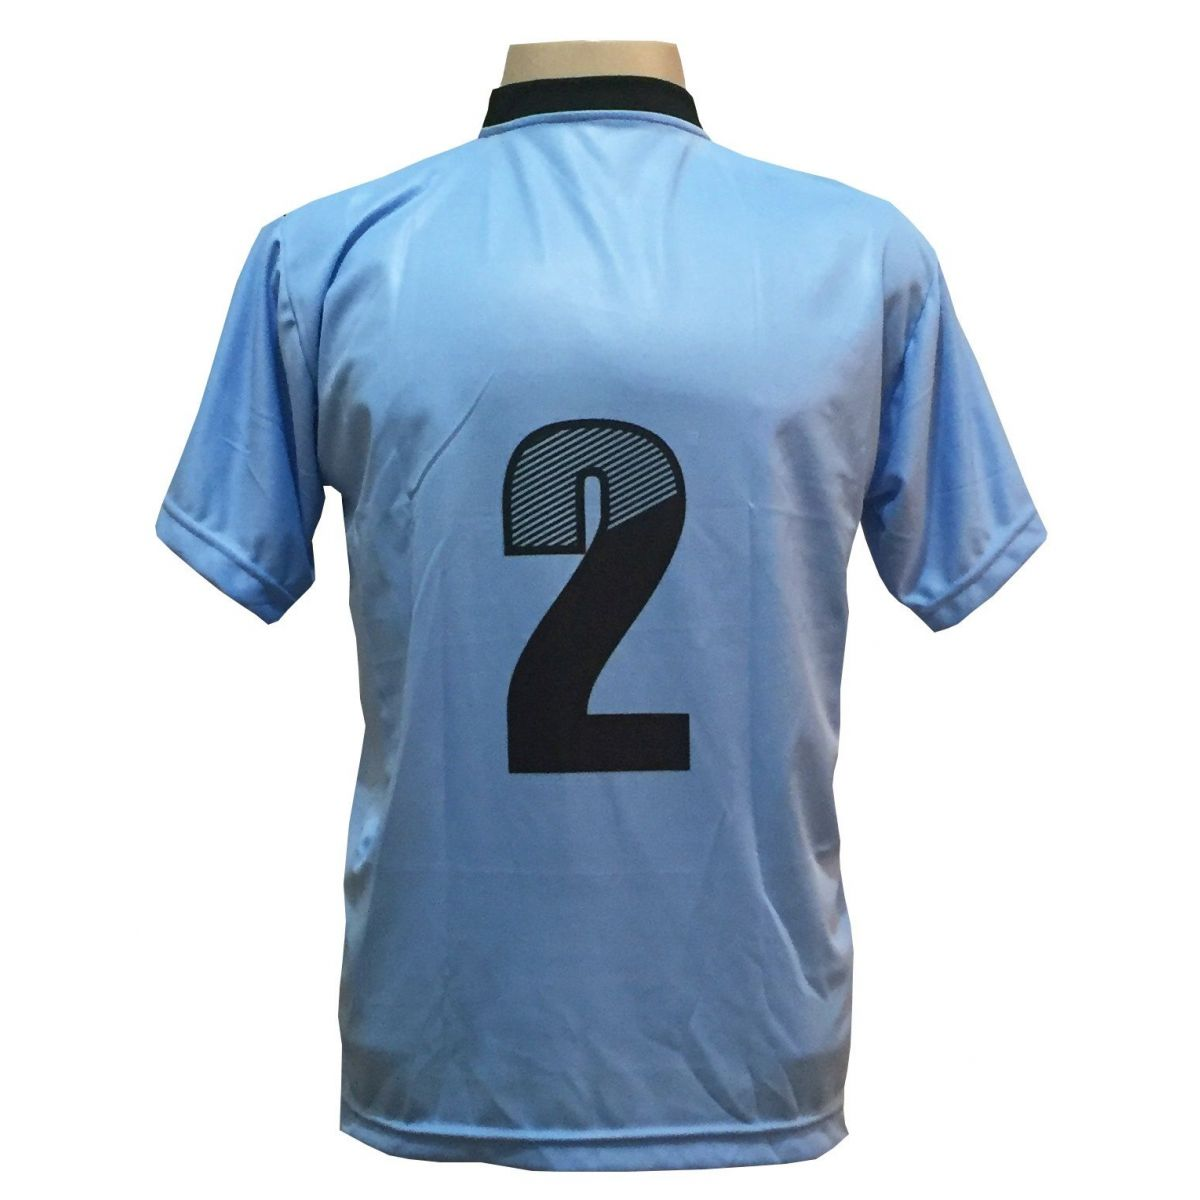 Uniforme Esportivo com 12 Camisas modelo Roma Celeste/Preto + 12 Calções modelo Madrid Preto + 12 Pares de meiões Preto